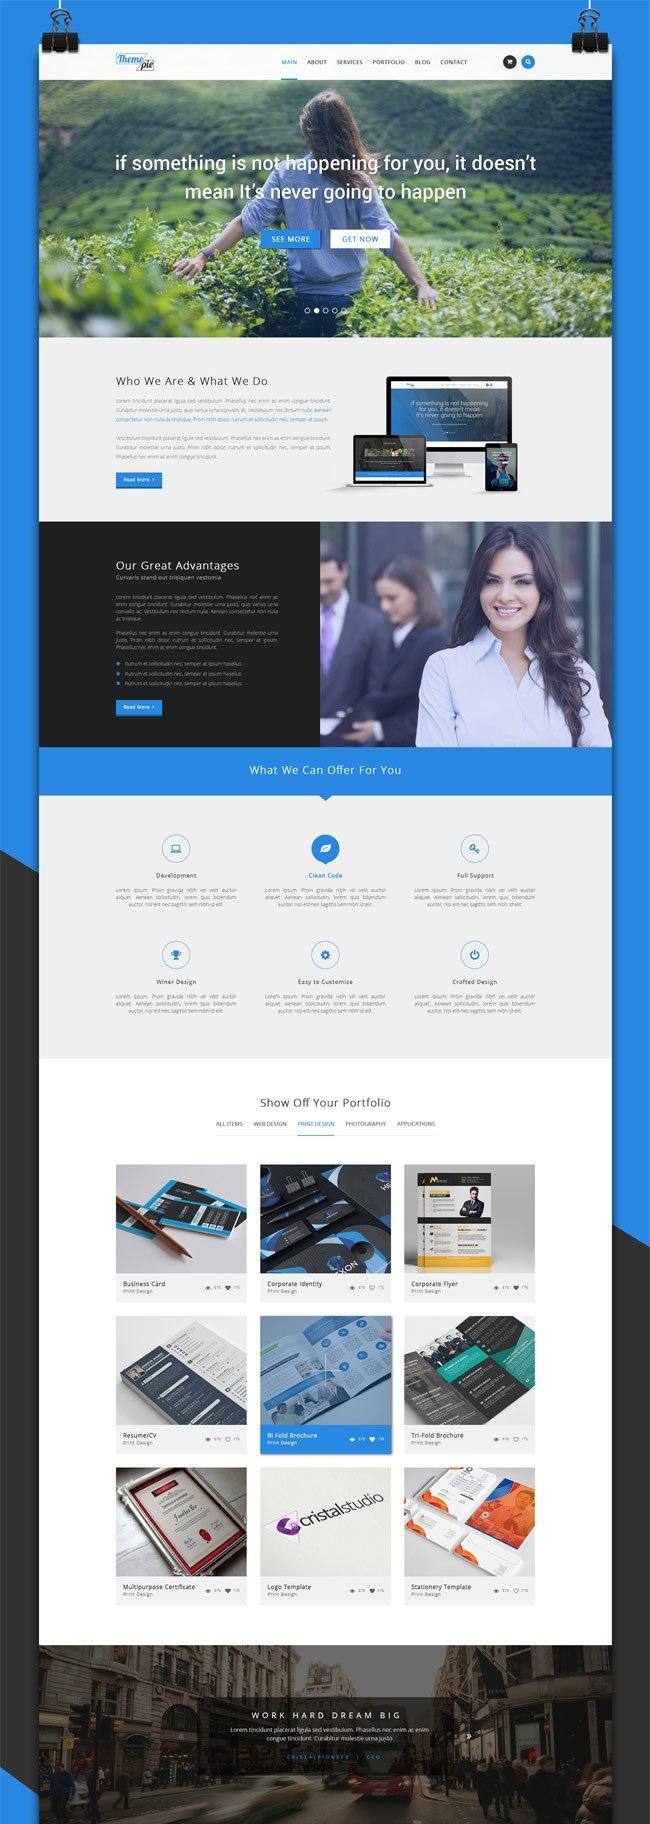 Free Psd Portfolio Website Templates  Designmaz In Free Psd Website Templates For Business